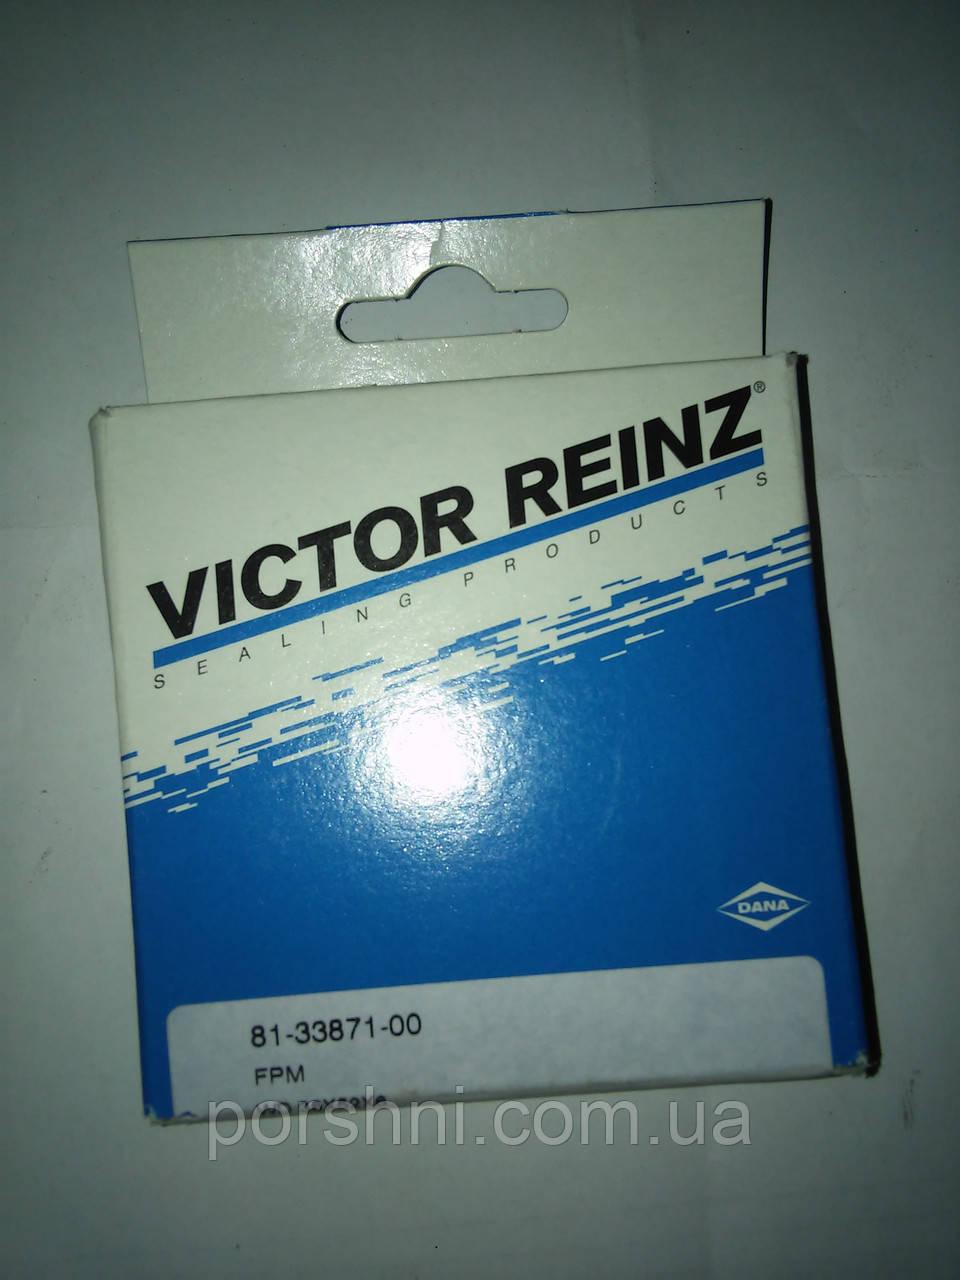 Сальник  38 х 52 х 8   распредвала Ford Fiesta Focus 1.25 - 1.6  V/REINZ  81-33871-00